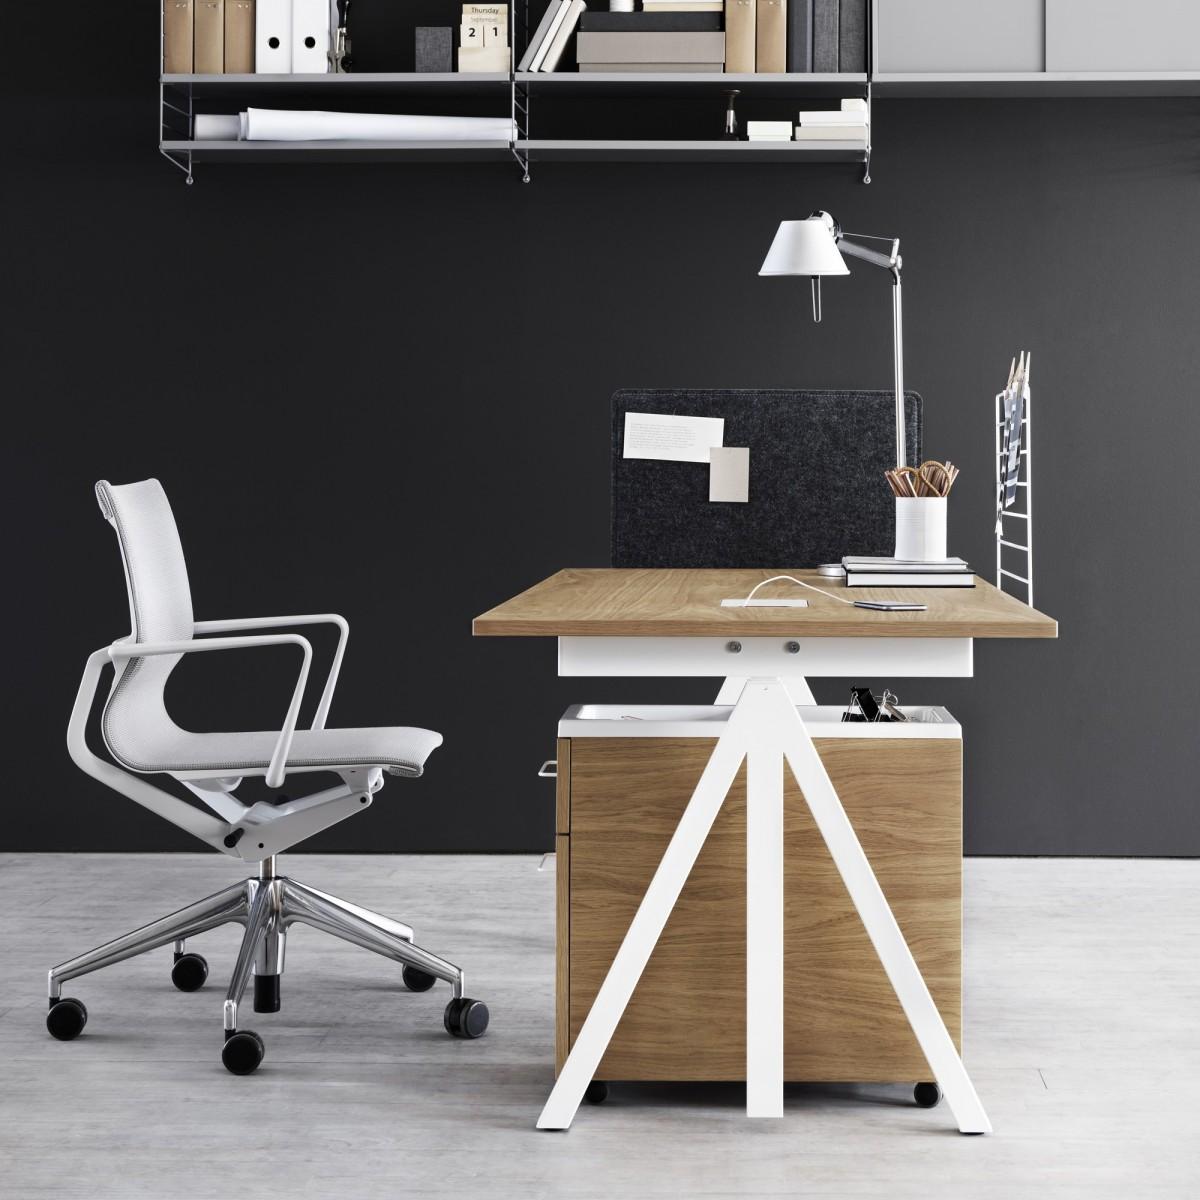 syst me string works bureau string works. Black Bedroom Furniture Sets. Home Design Ideas